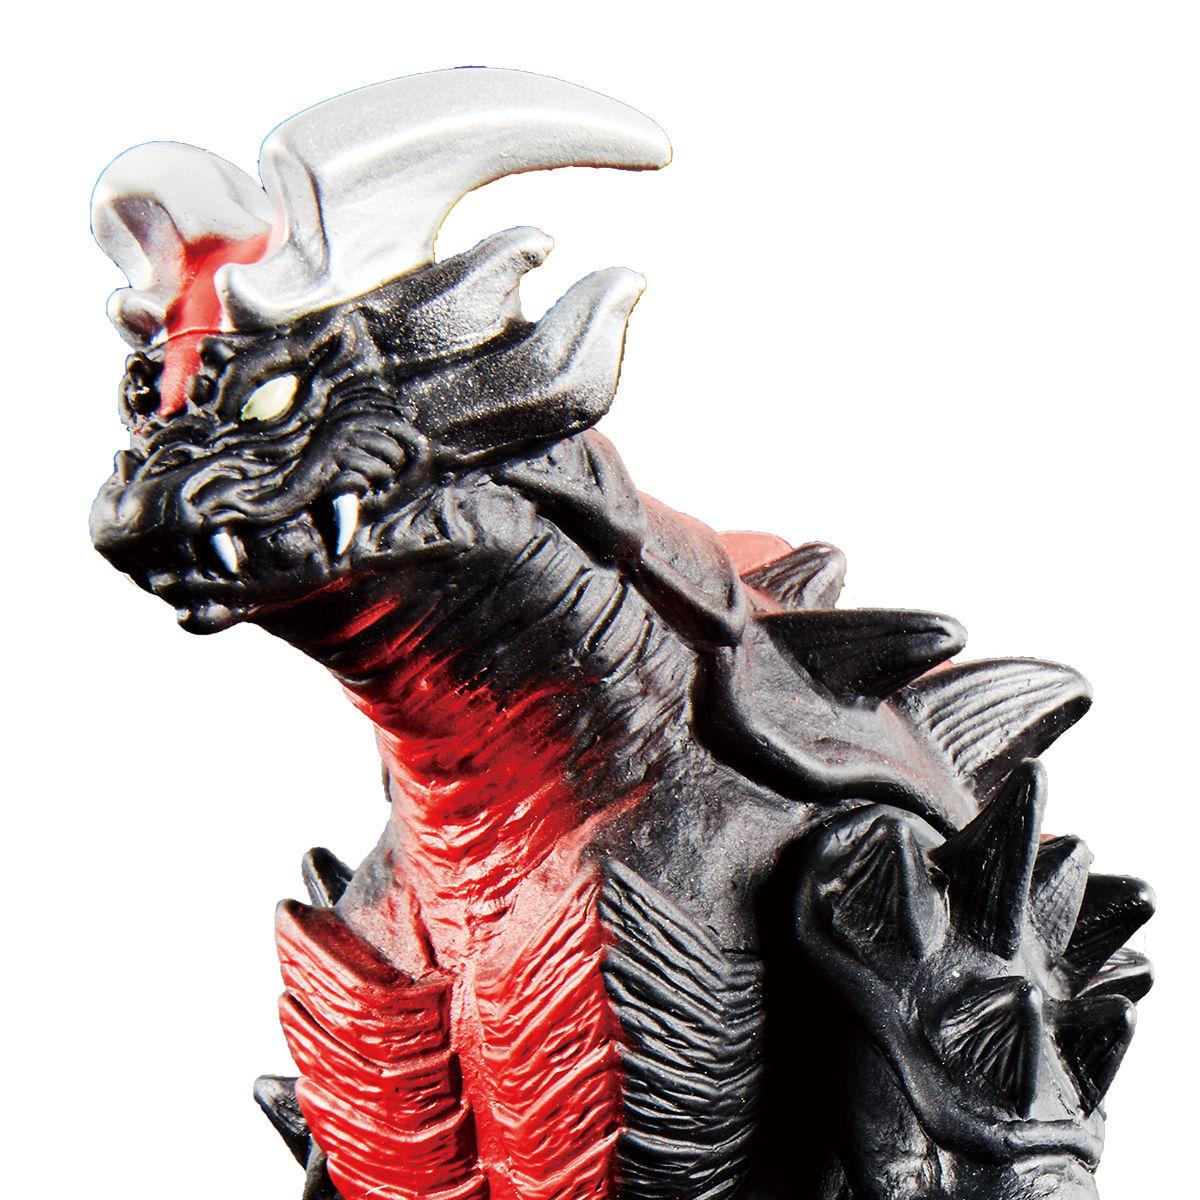 ウルトラ怪獣シリーズ 107 ヘルベロス